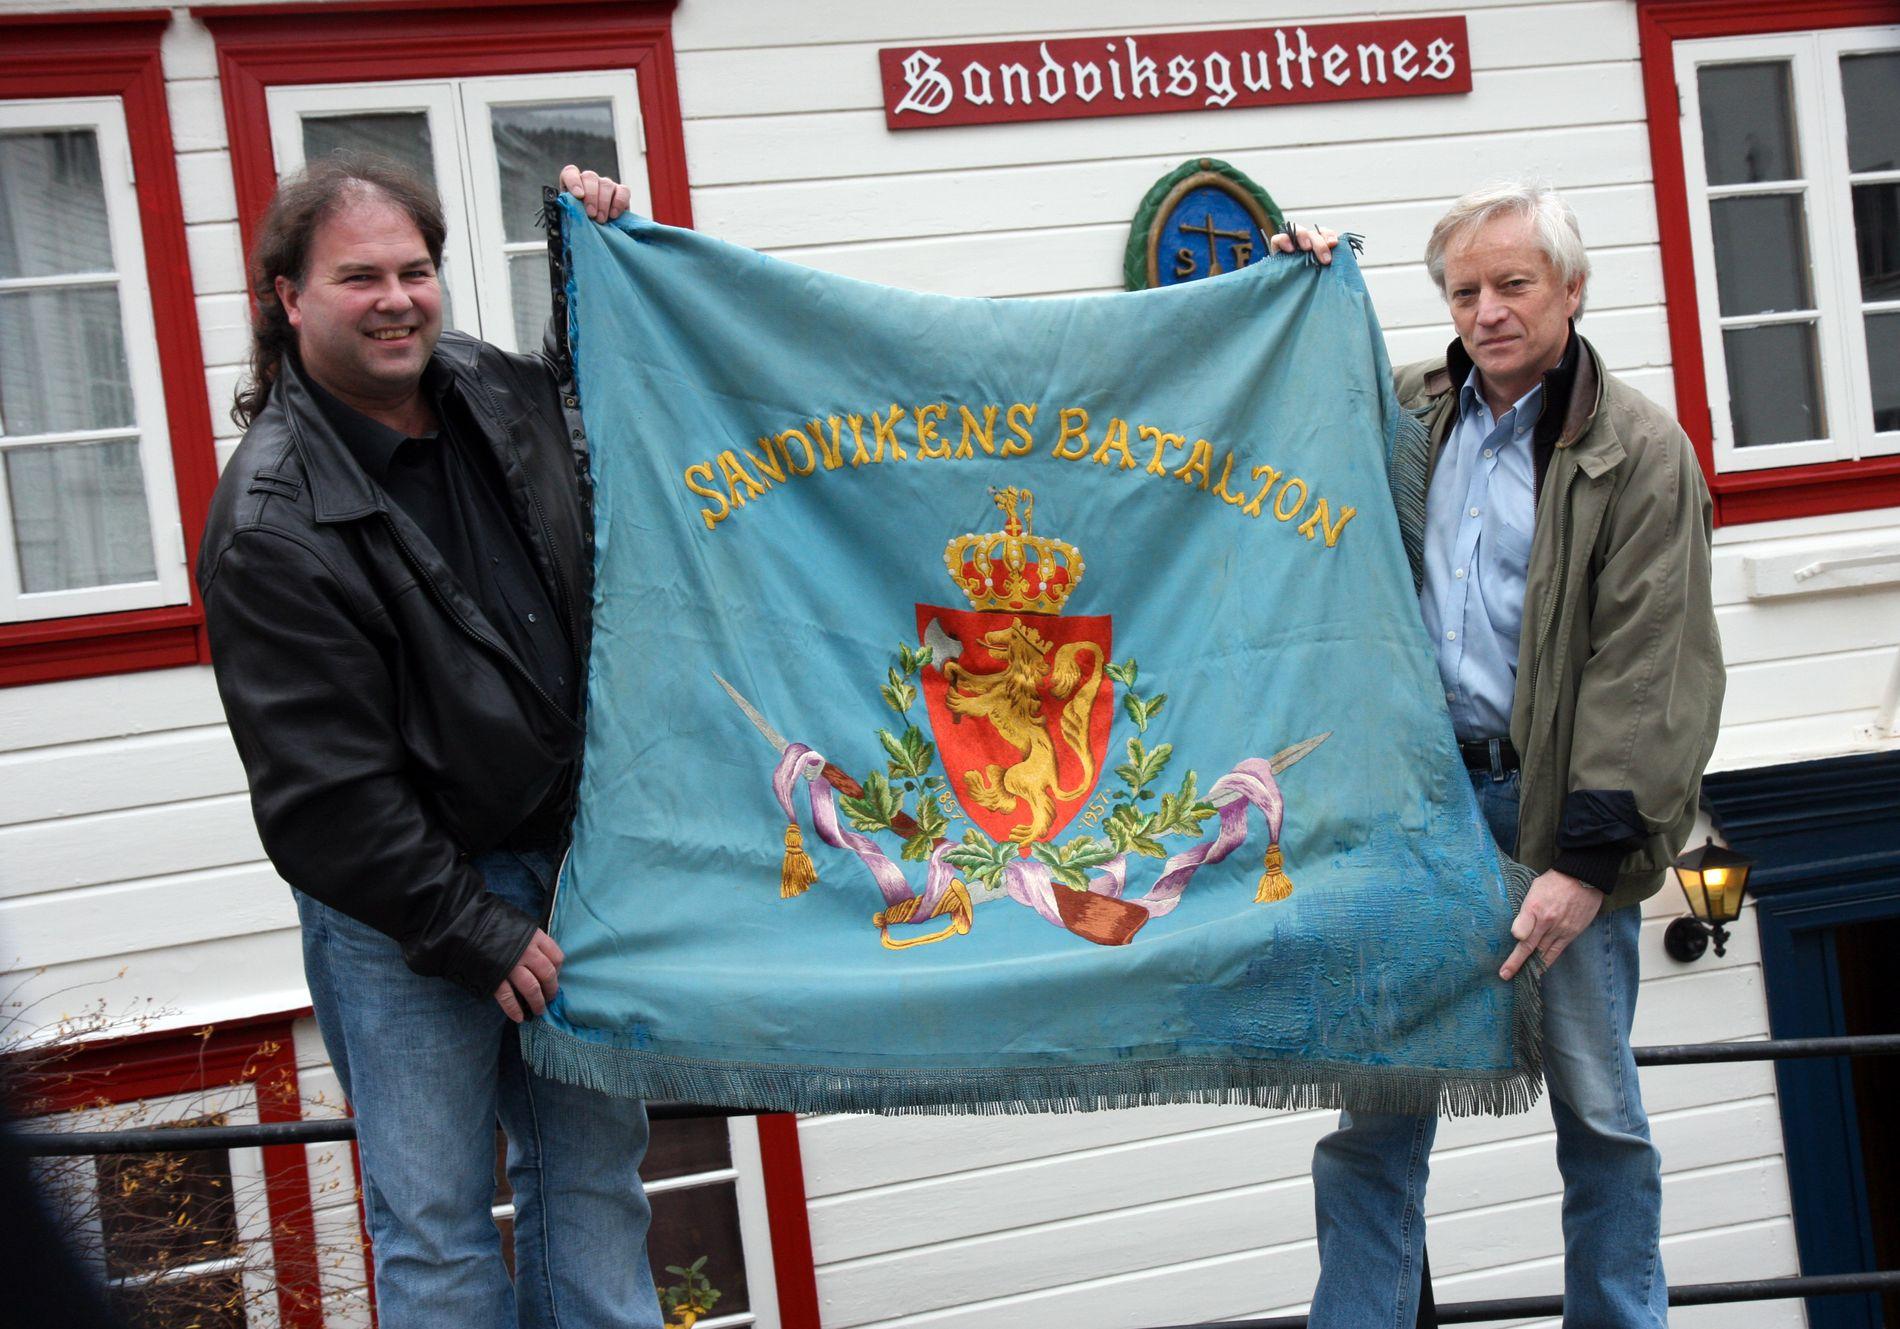 FIKK IGJEN FANEN: Frantz H. Dueland (t.v.) og Kjell Lervik i Sandviksguttenes forening med fanen som har vært borte siden 1990.